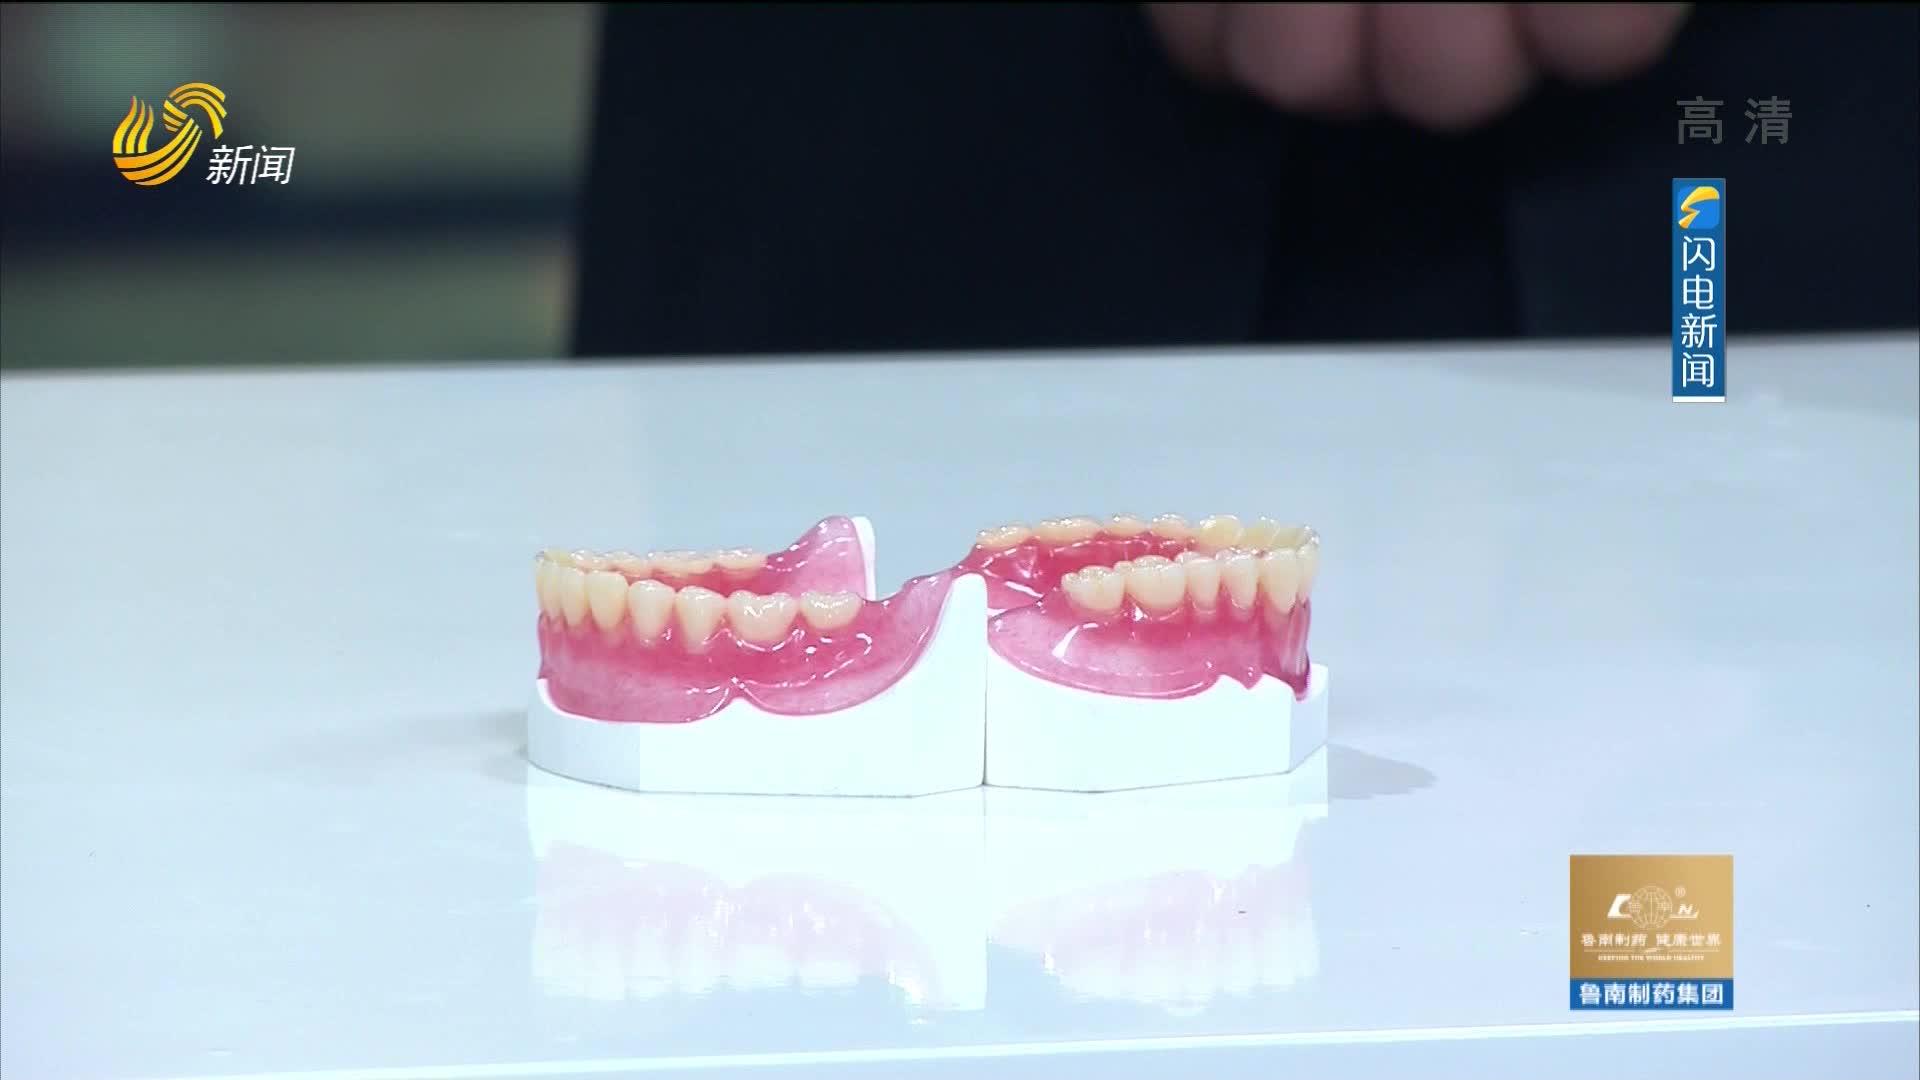 20210218《健康山东》:老年人种牙好还是镶牙好?